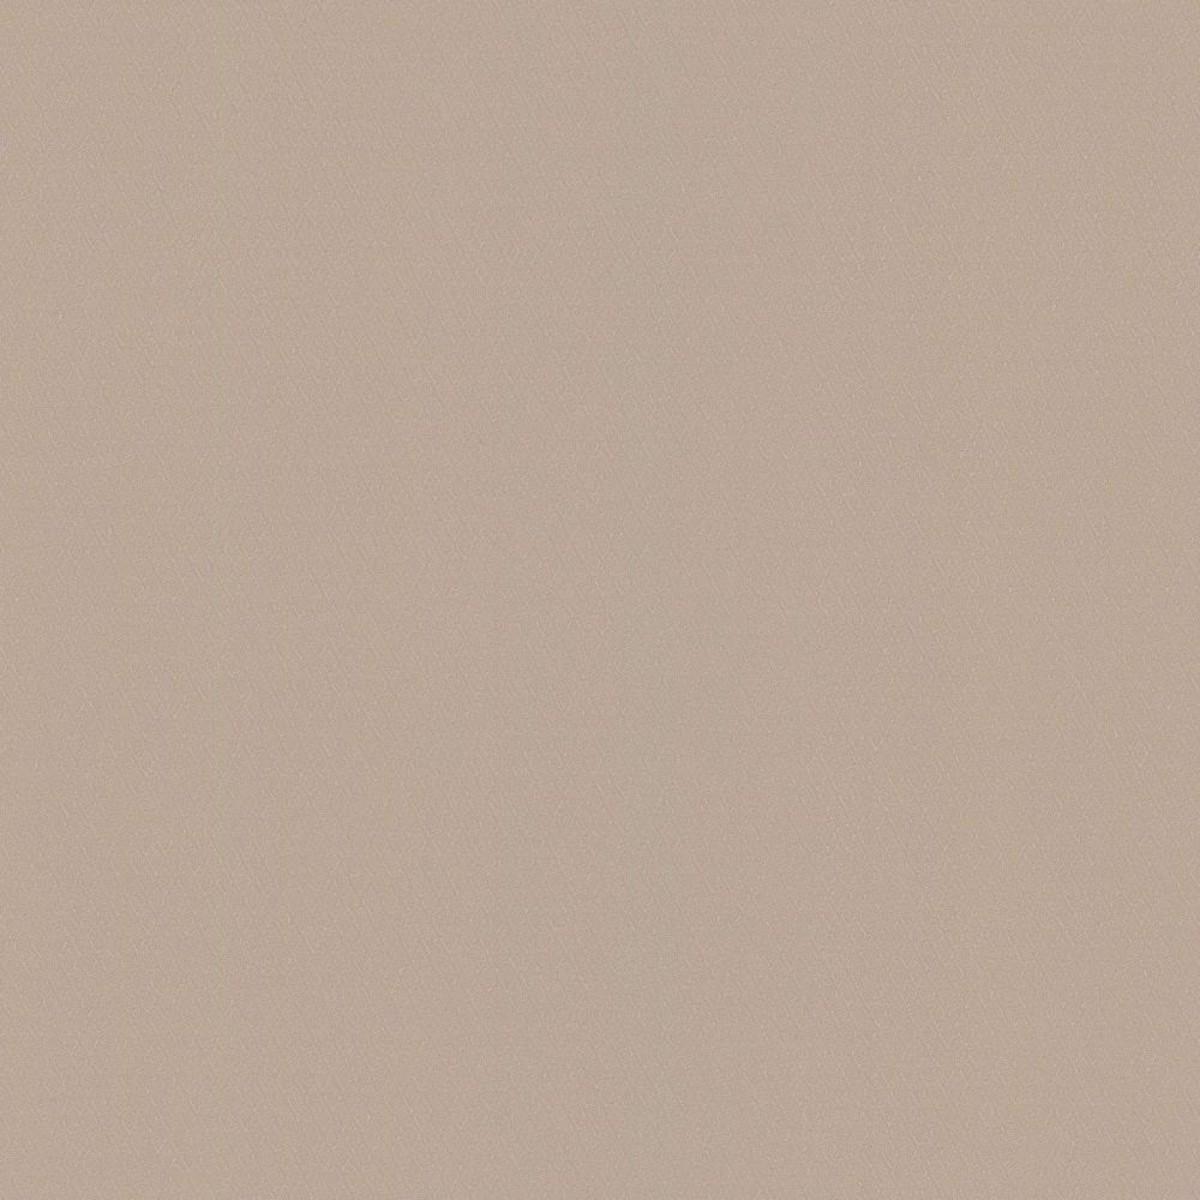 Обои флизелиновые Палитра Monceau коричневые PL71441-43 1.06 м